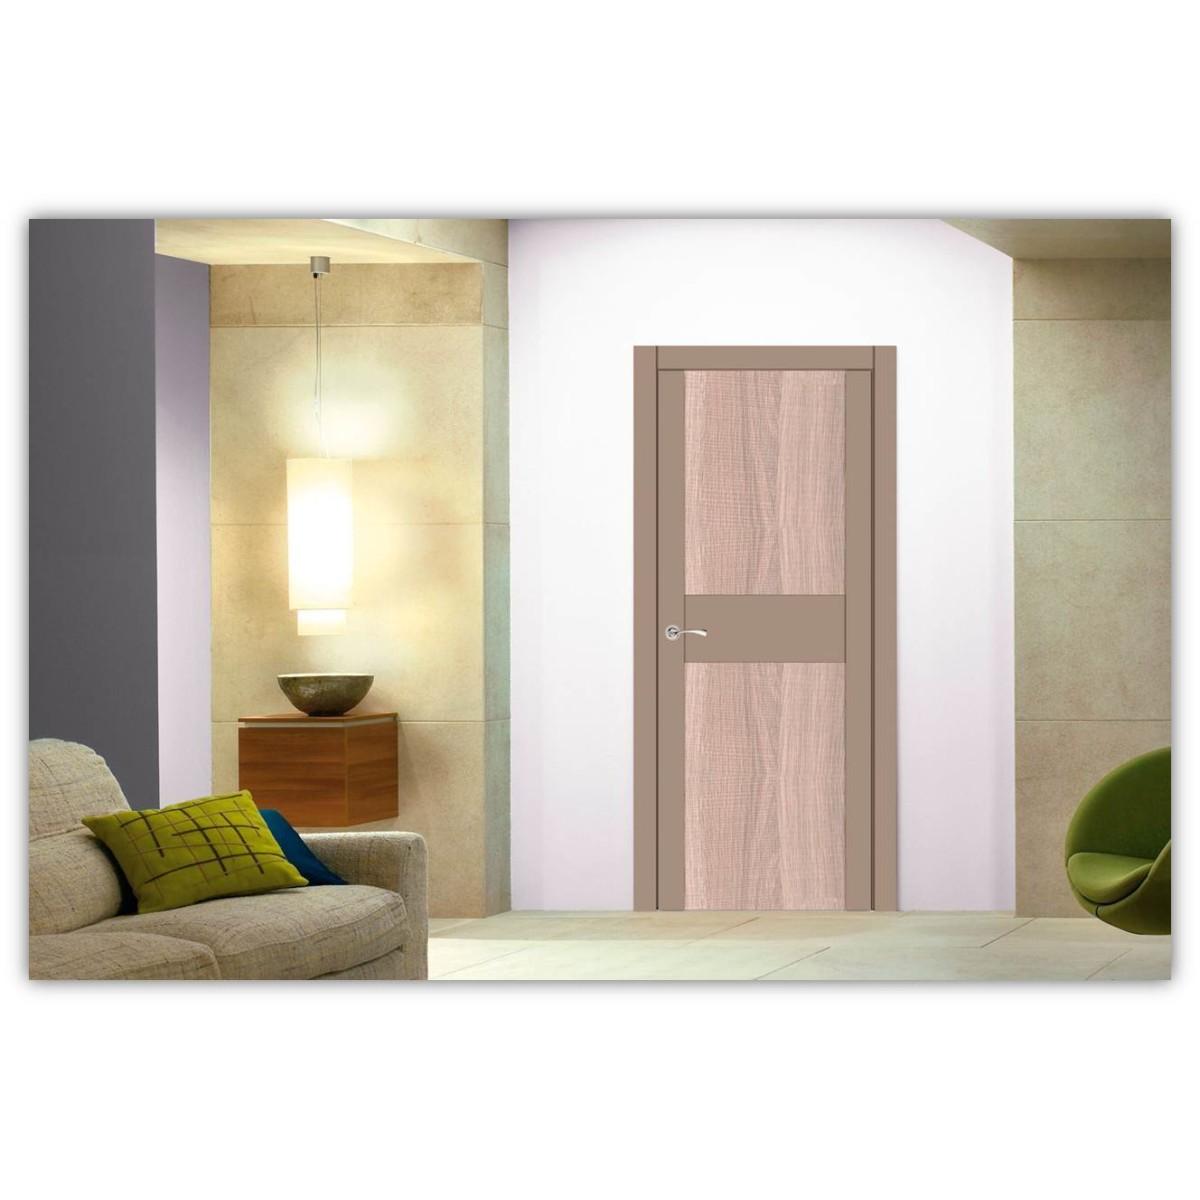 Дверь Межкомнатная Остеклённая Арт Лайн 80x200 Цвет Какао/Холст